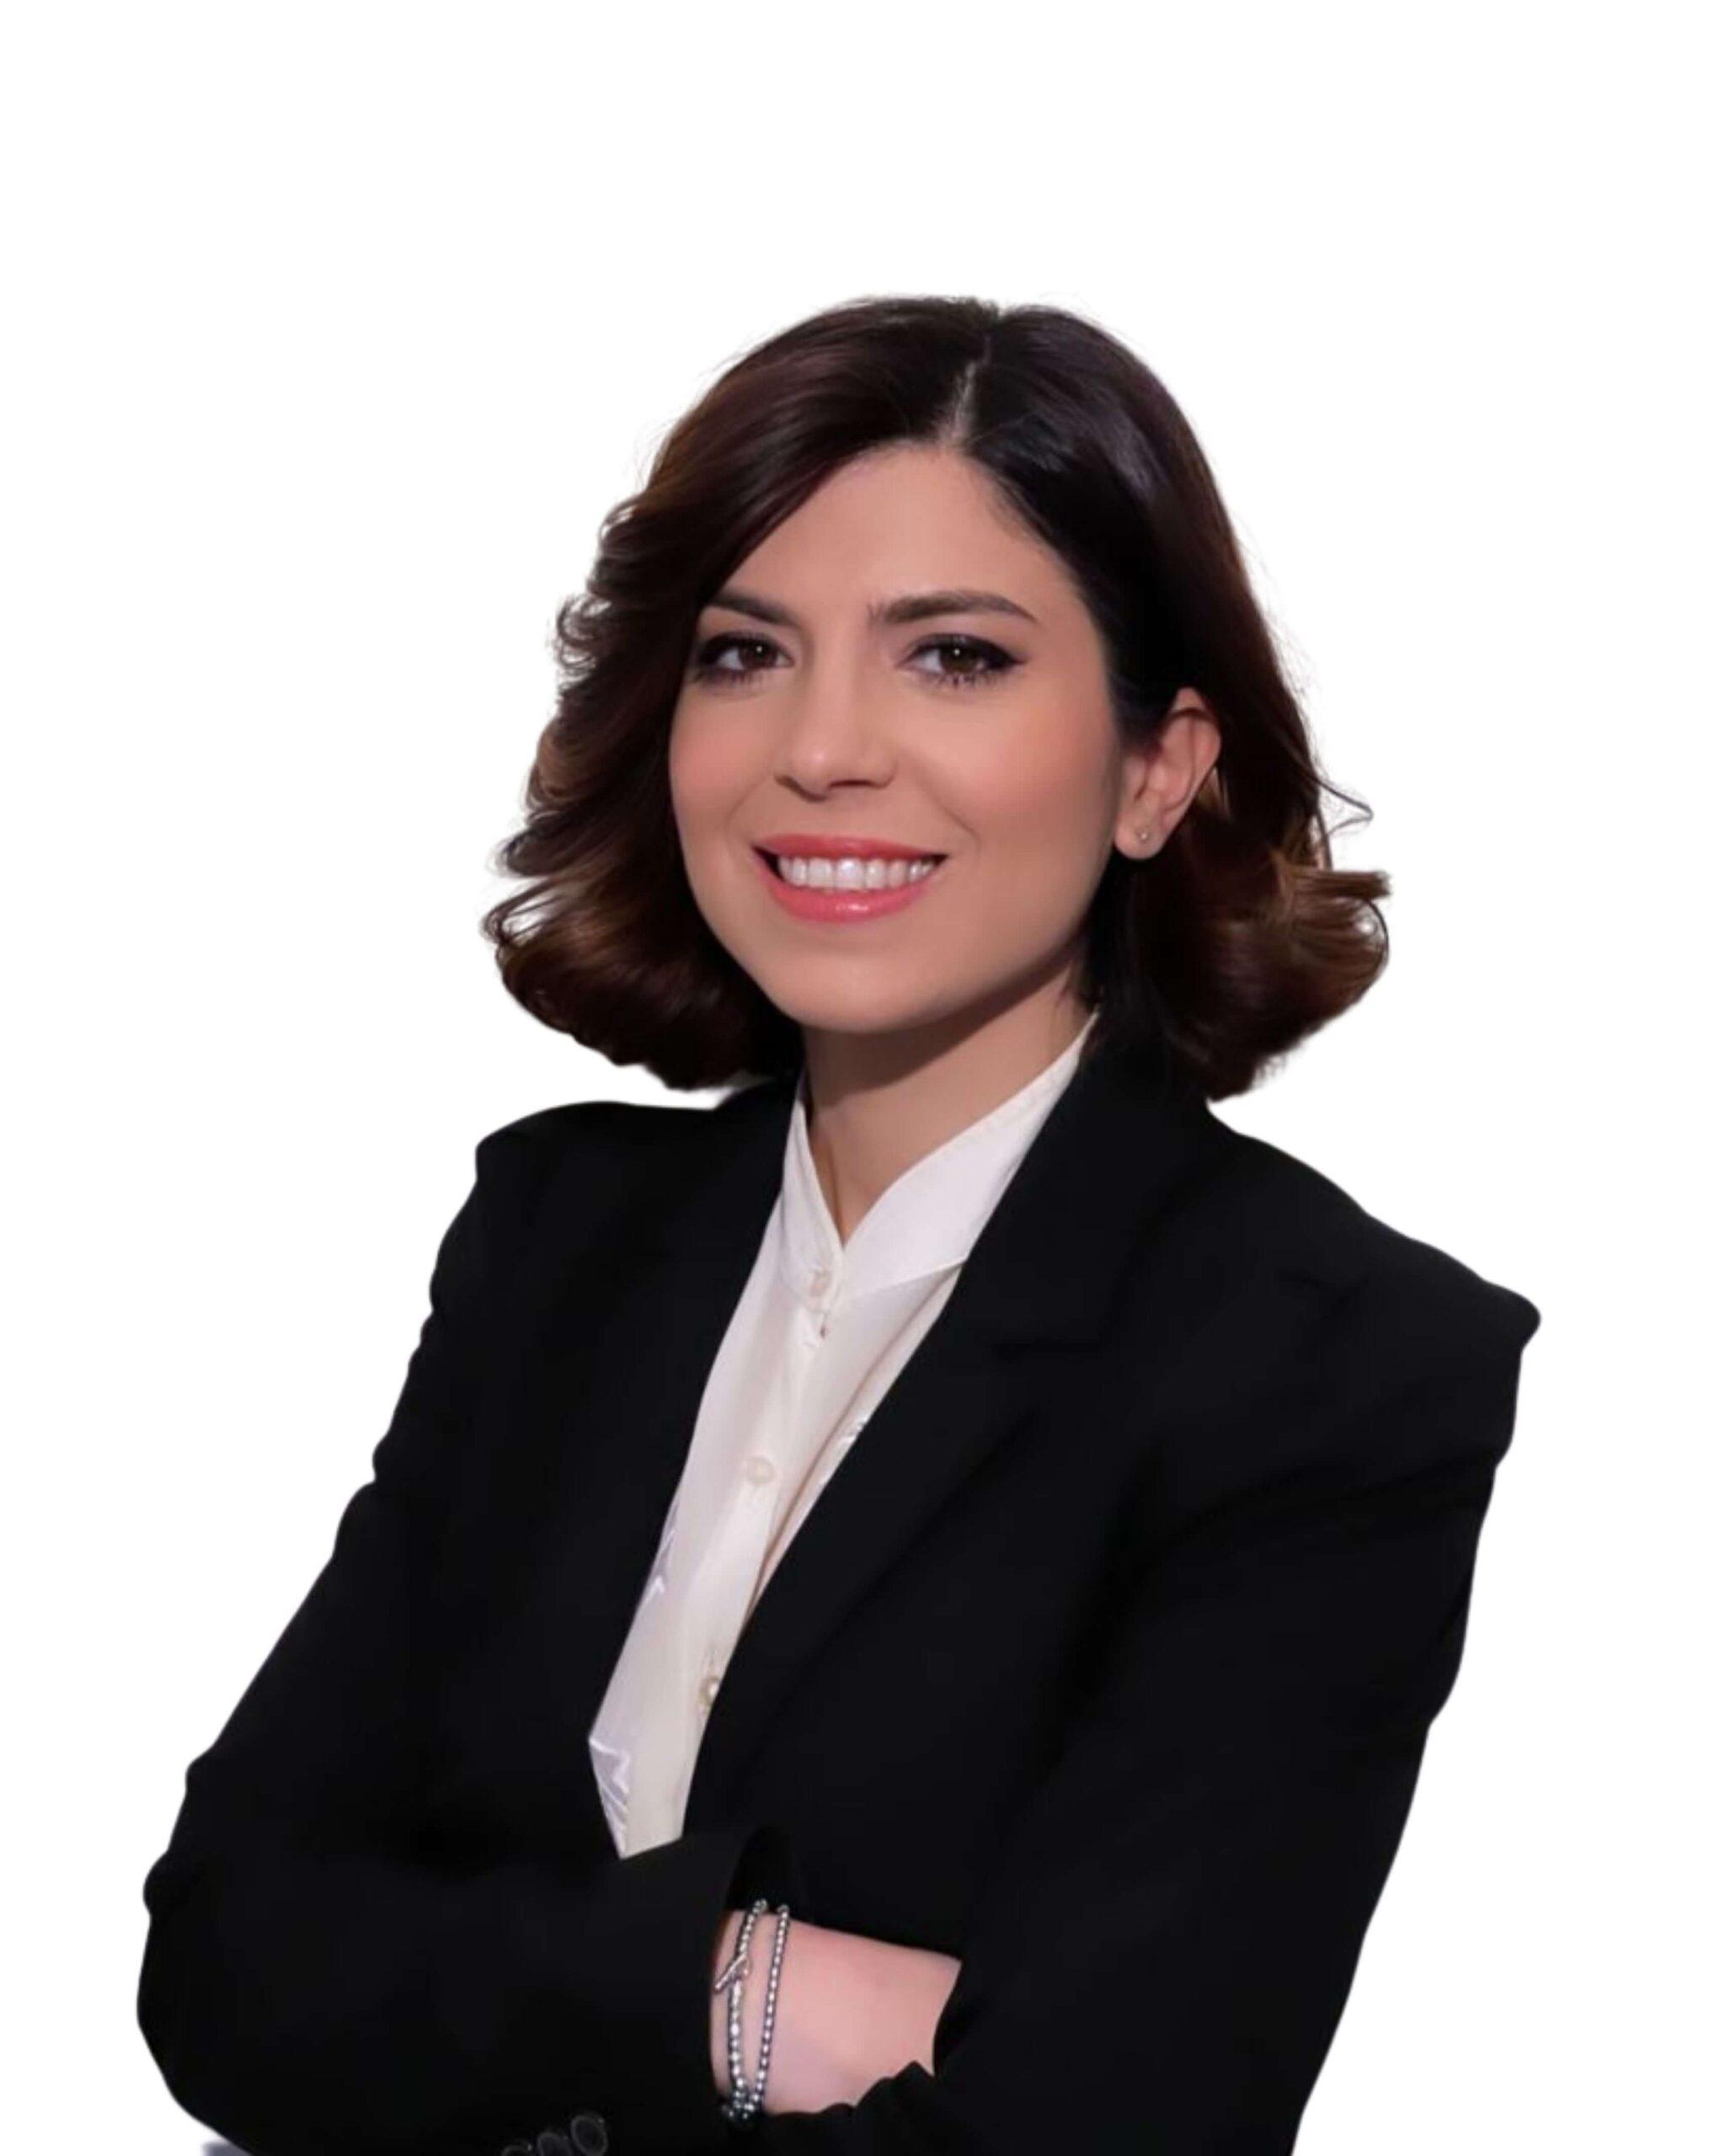 Liliana Peruzzu